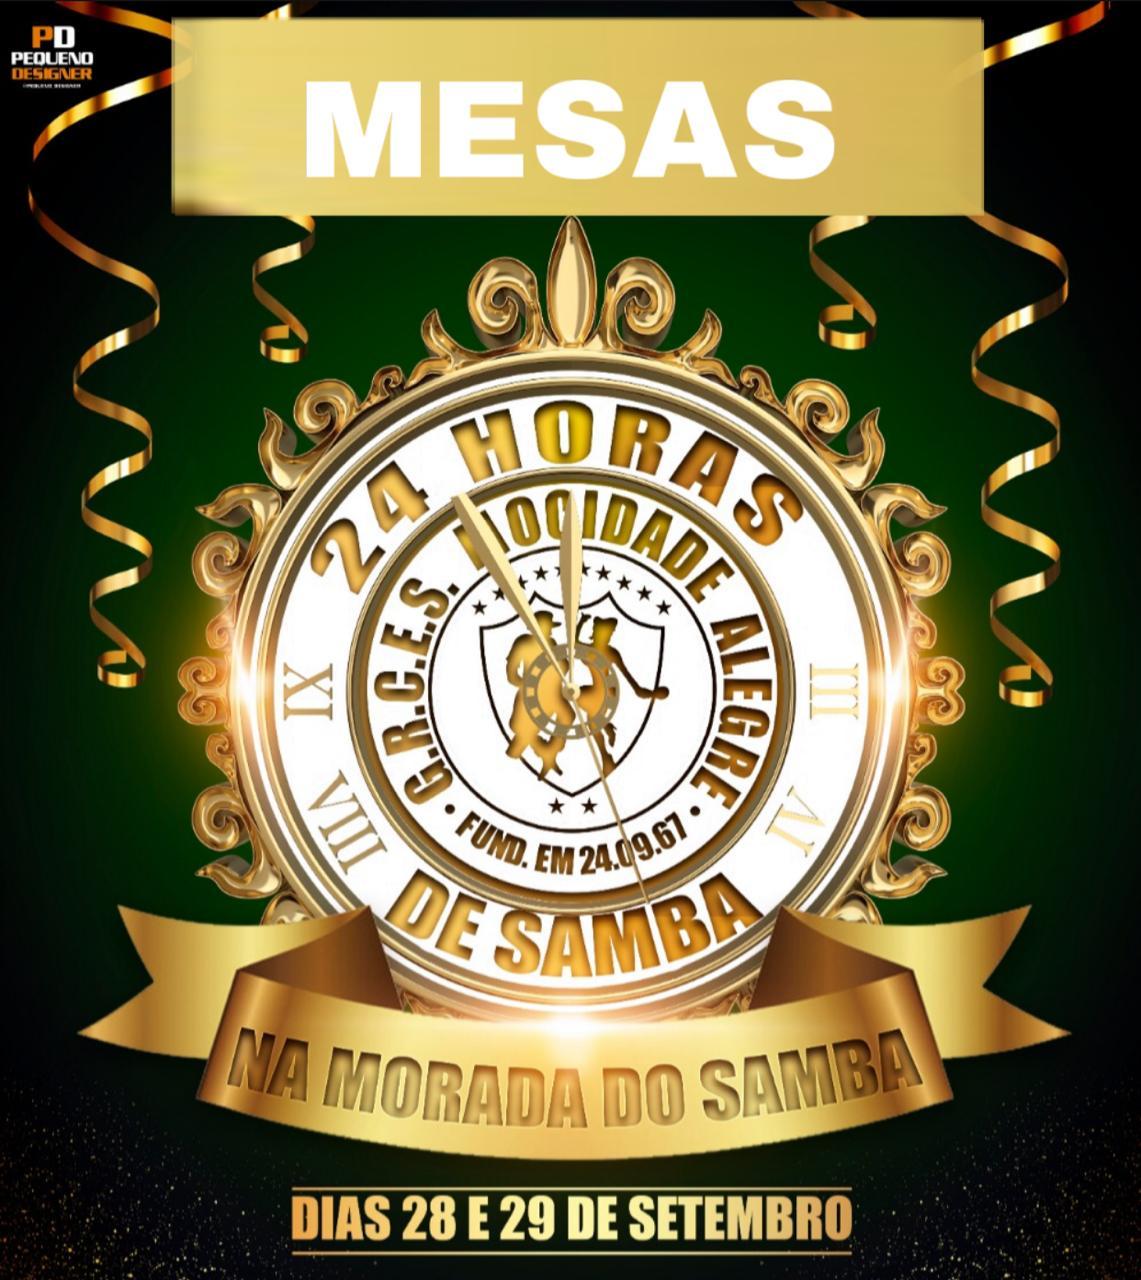 MESAS - 24 HORAS DE SAMBA de 01 a 30 - CARNAVAL 2020 - 28 e 29 de Setembro 2019  - Mocidade Alegre